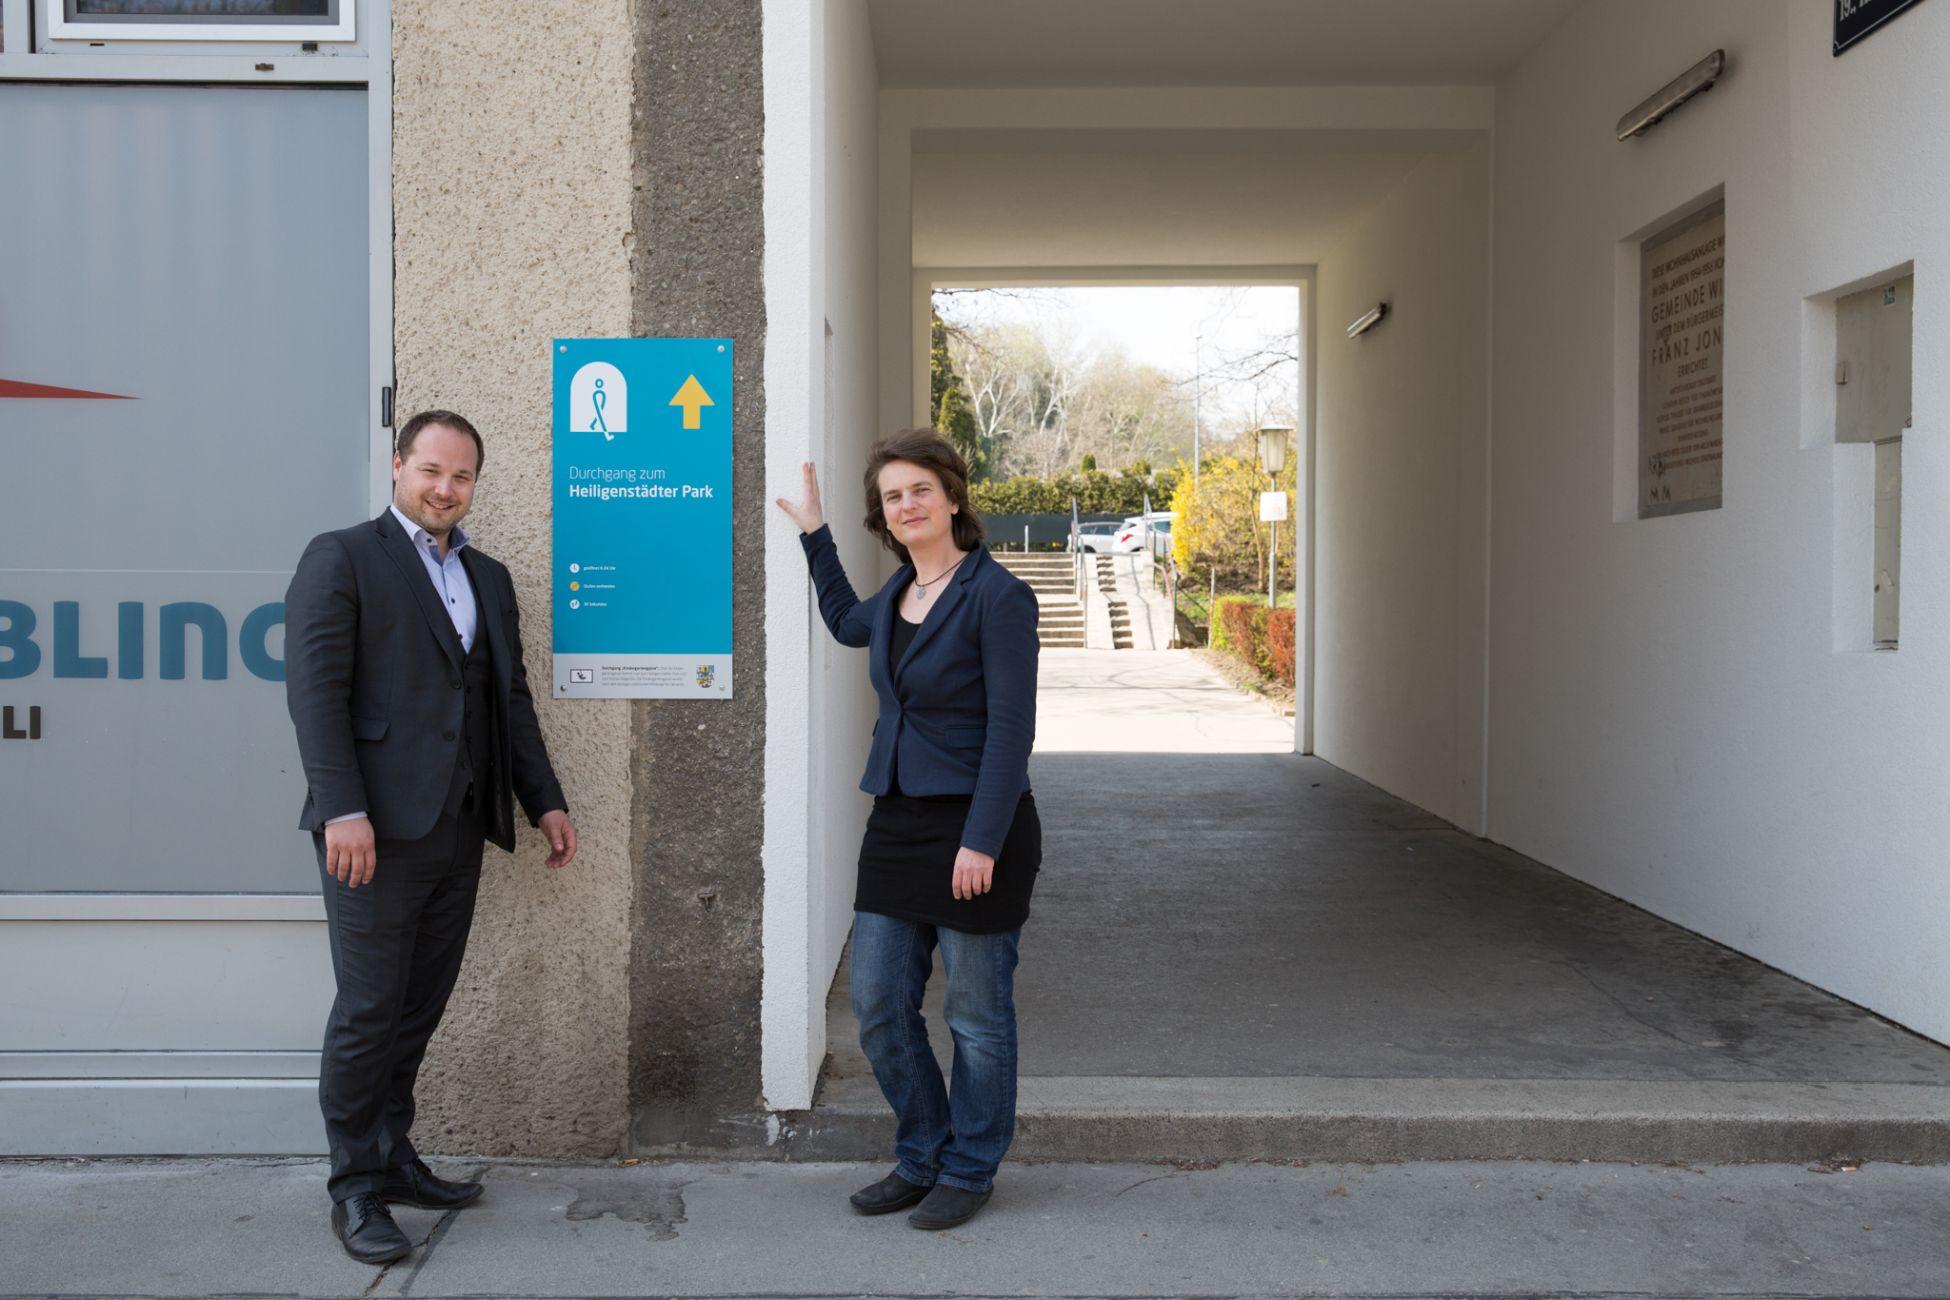 Bezirksvorsteher Daniel Resch und Fußgängerinnen-Beauftragte Petra Jens beim markierten Durchgang Heiligenstädterstraße 141 in Döbling.